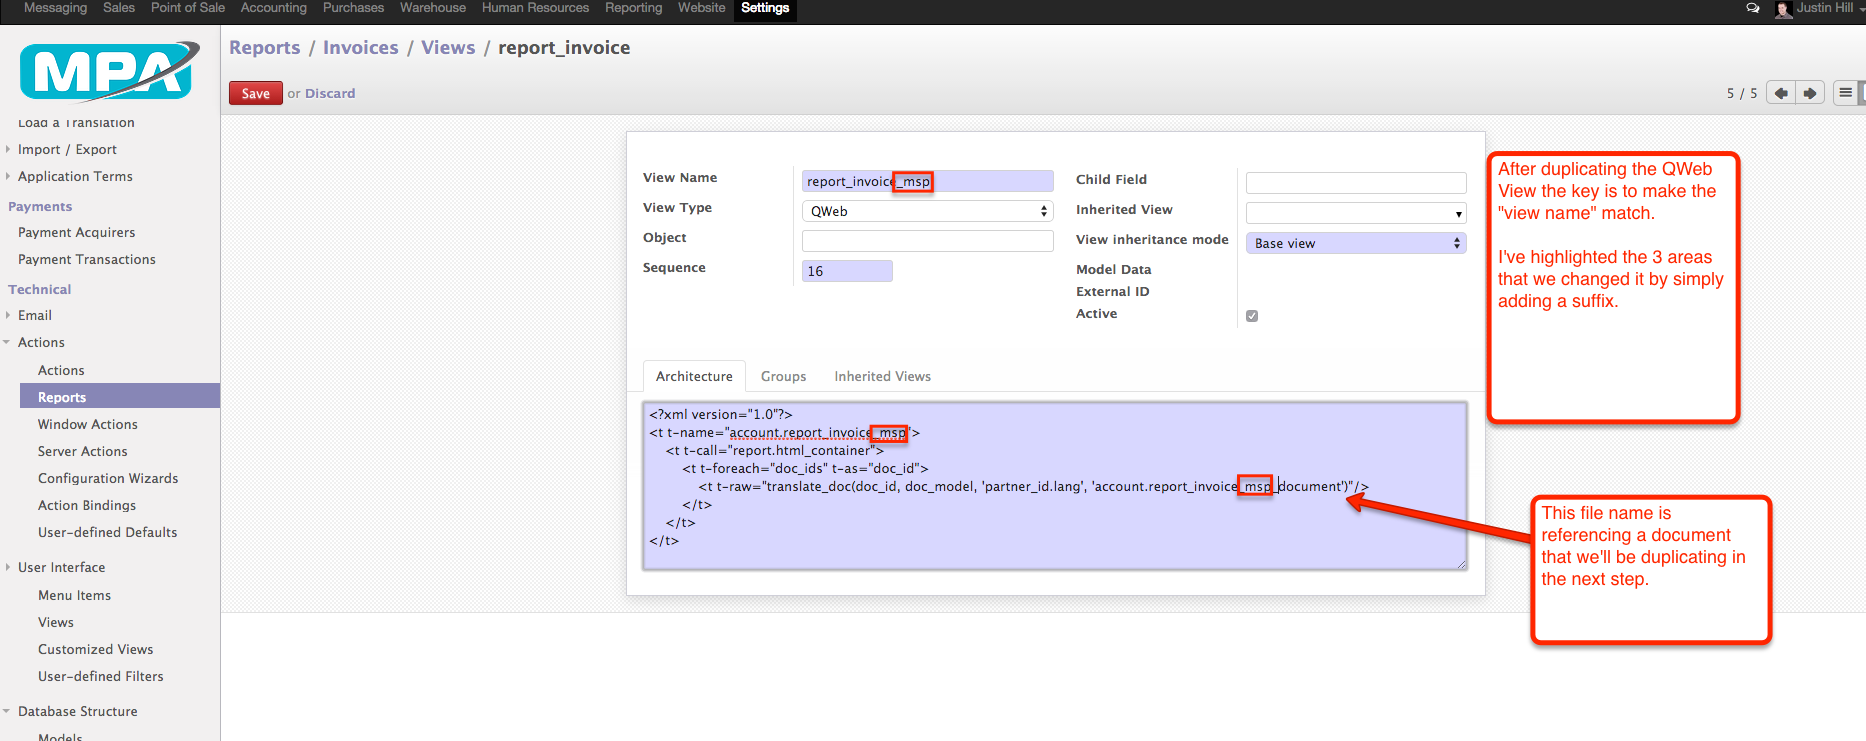 08 - Duplicate report_invoice - settings